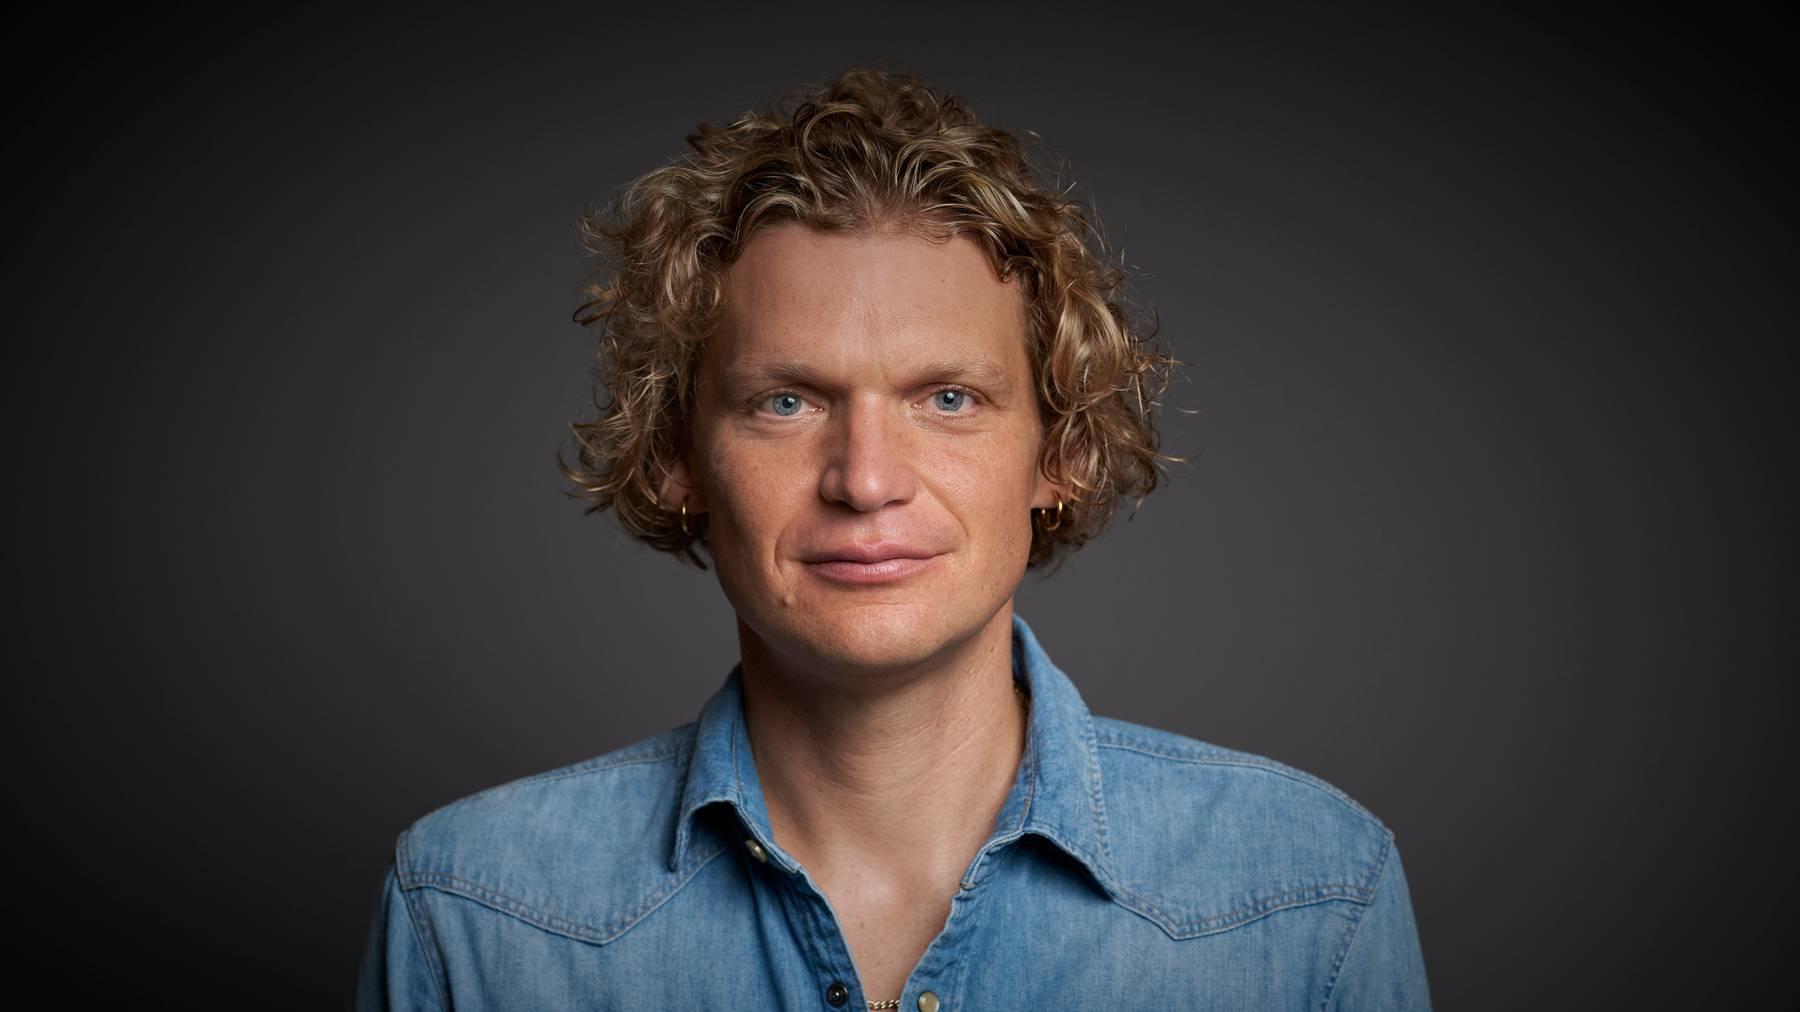 Sing meinen Song – Das Schweizer Tauschkonzert - Dabu Bucher